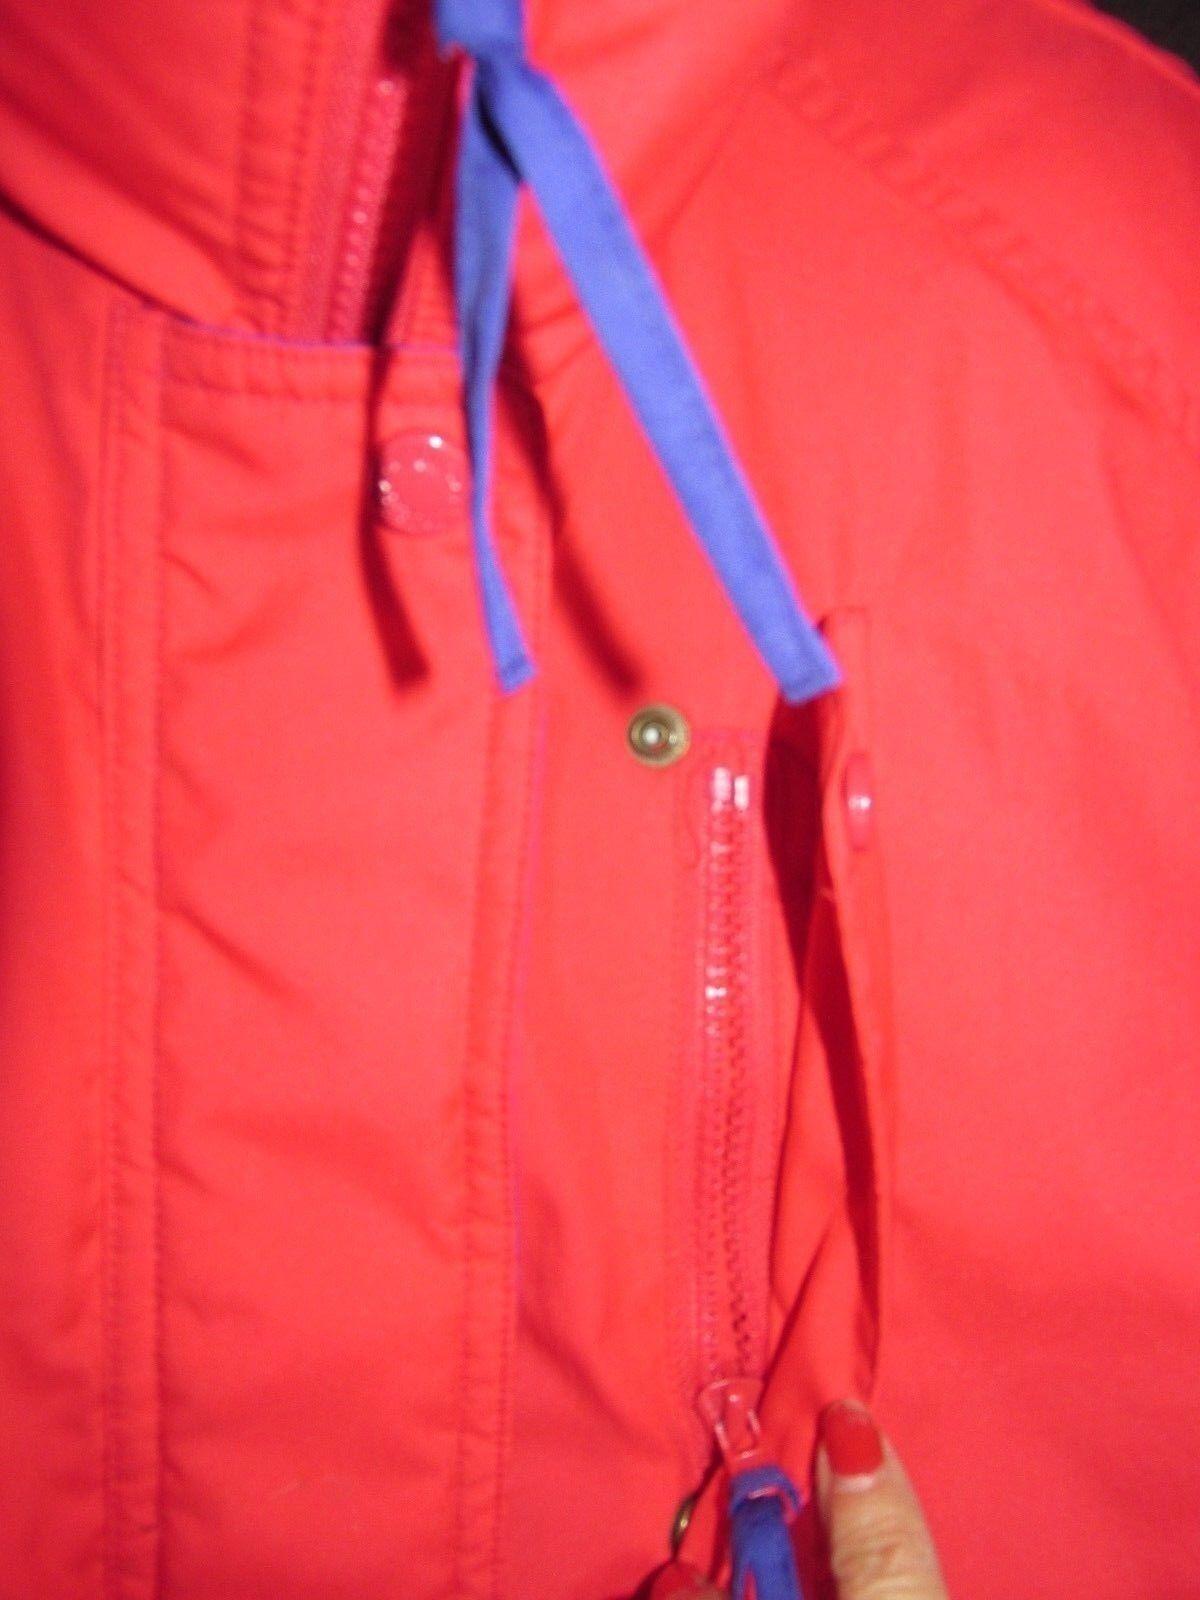 BLAUER Uomo - Piumino corto - con zip  - corto Col. NERO 4b61da